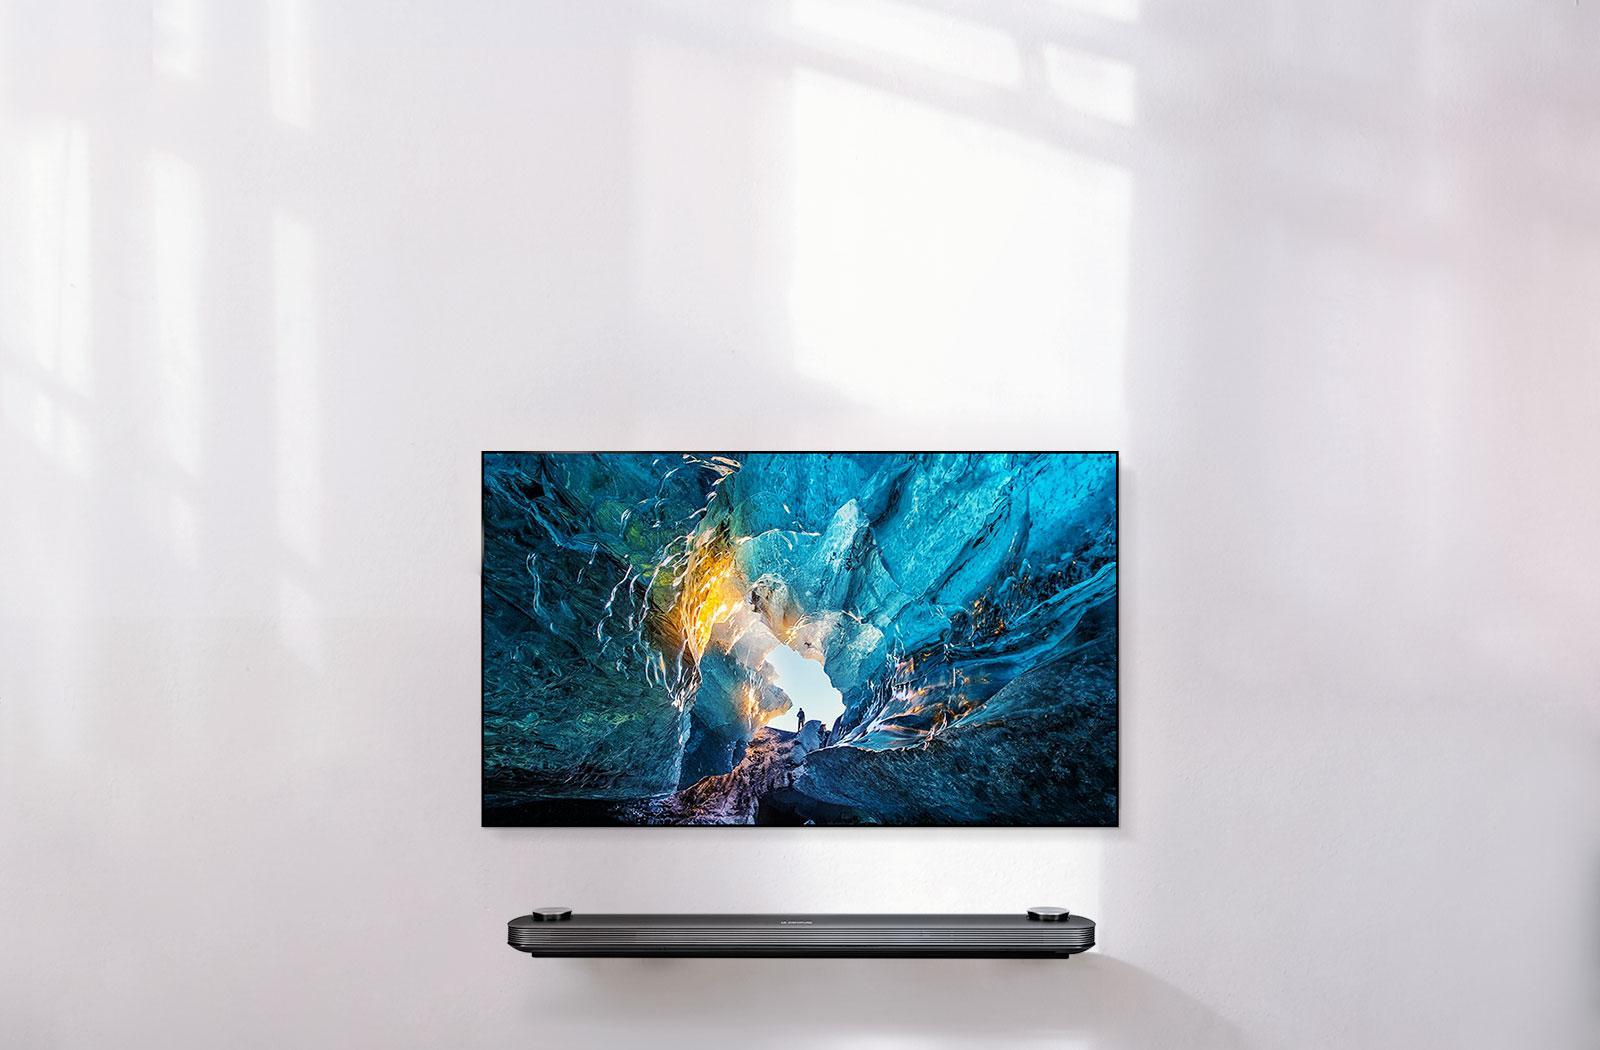 LG OLED65W7P: 65-inch LG SIGNATURE OLED 4K HDR Smart TV | LG USA